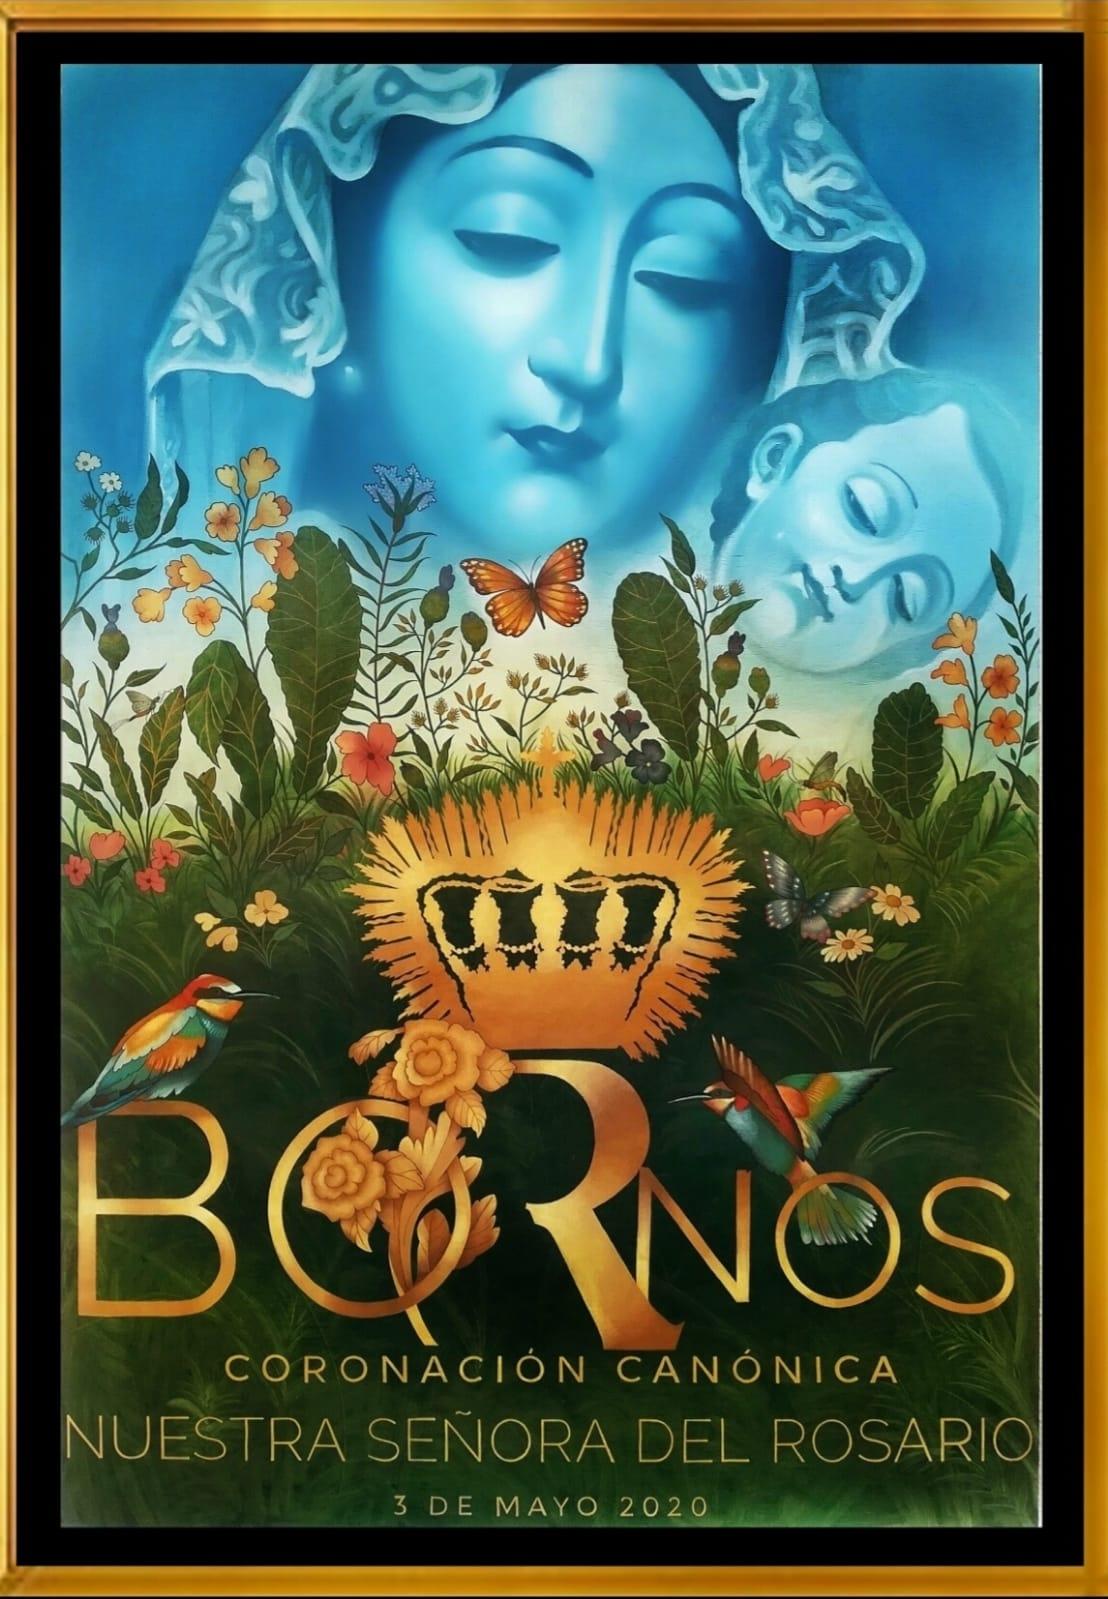 Daroal firma el cartel de la Coronación Canónica de la Virgen del Rosario de Bornos